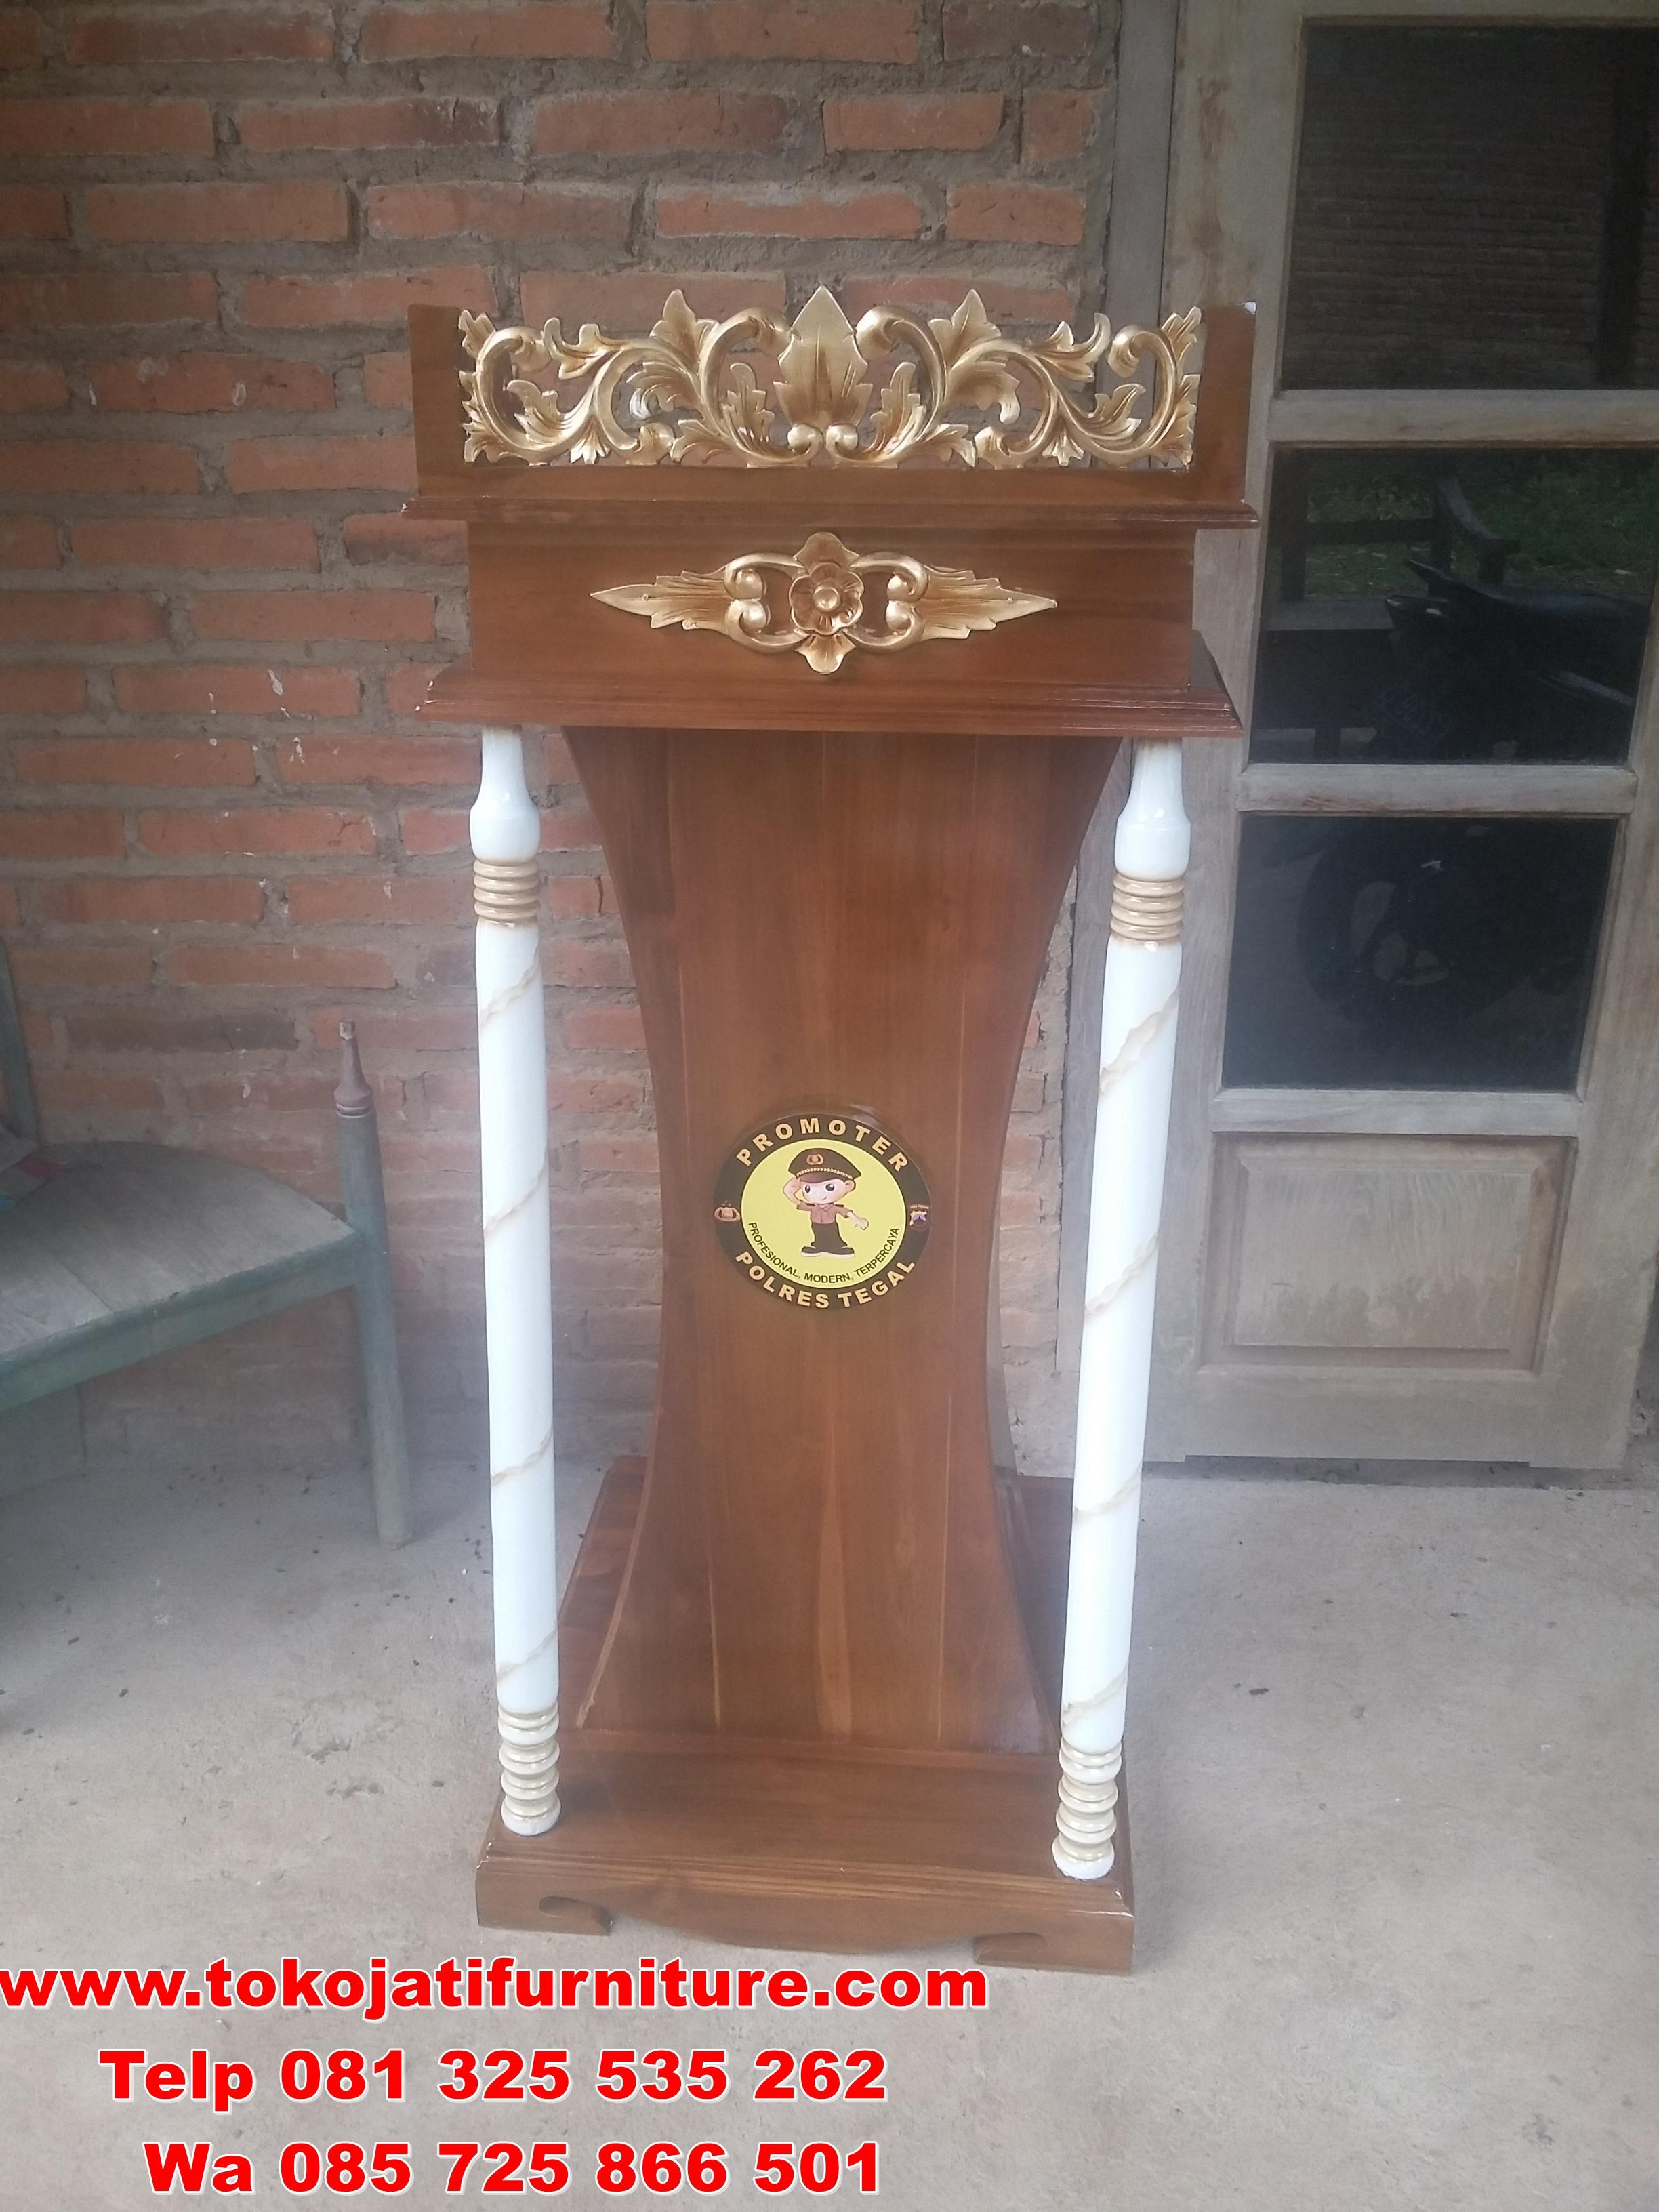 podium Jati ukiran gold marmer